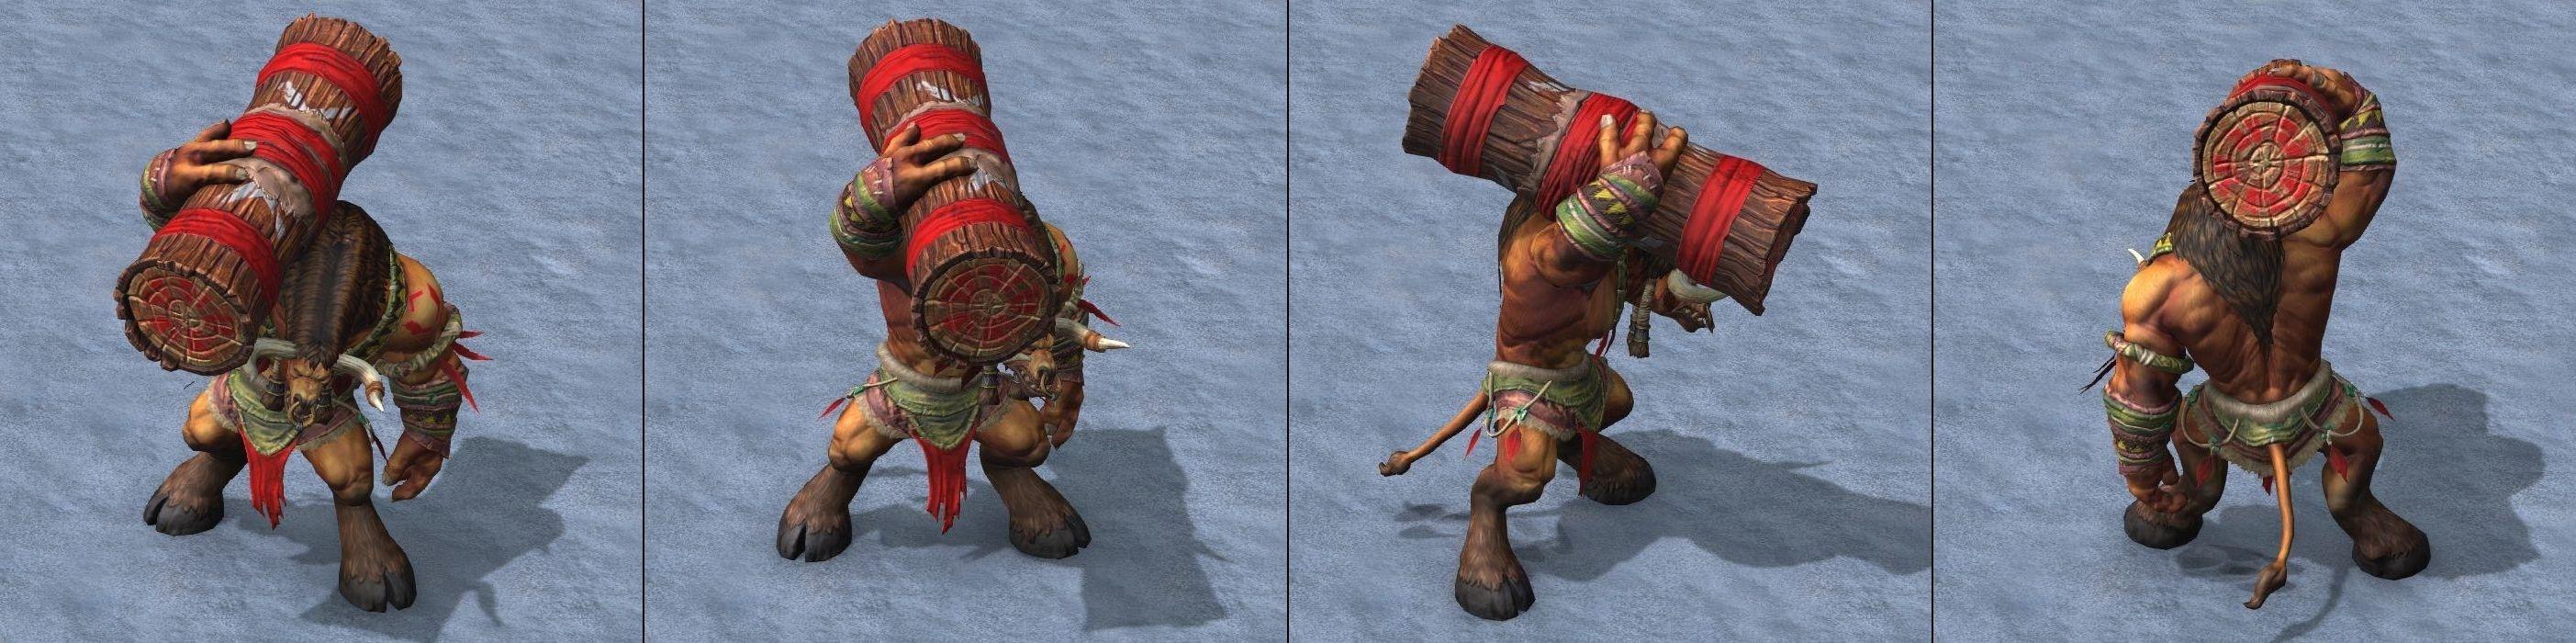 Warcraft III Reforged : Tauren